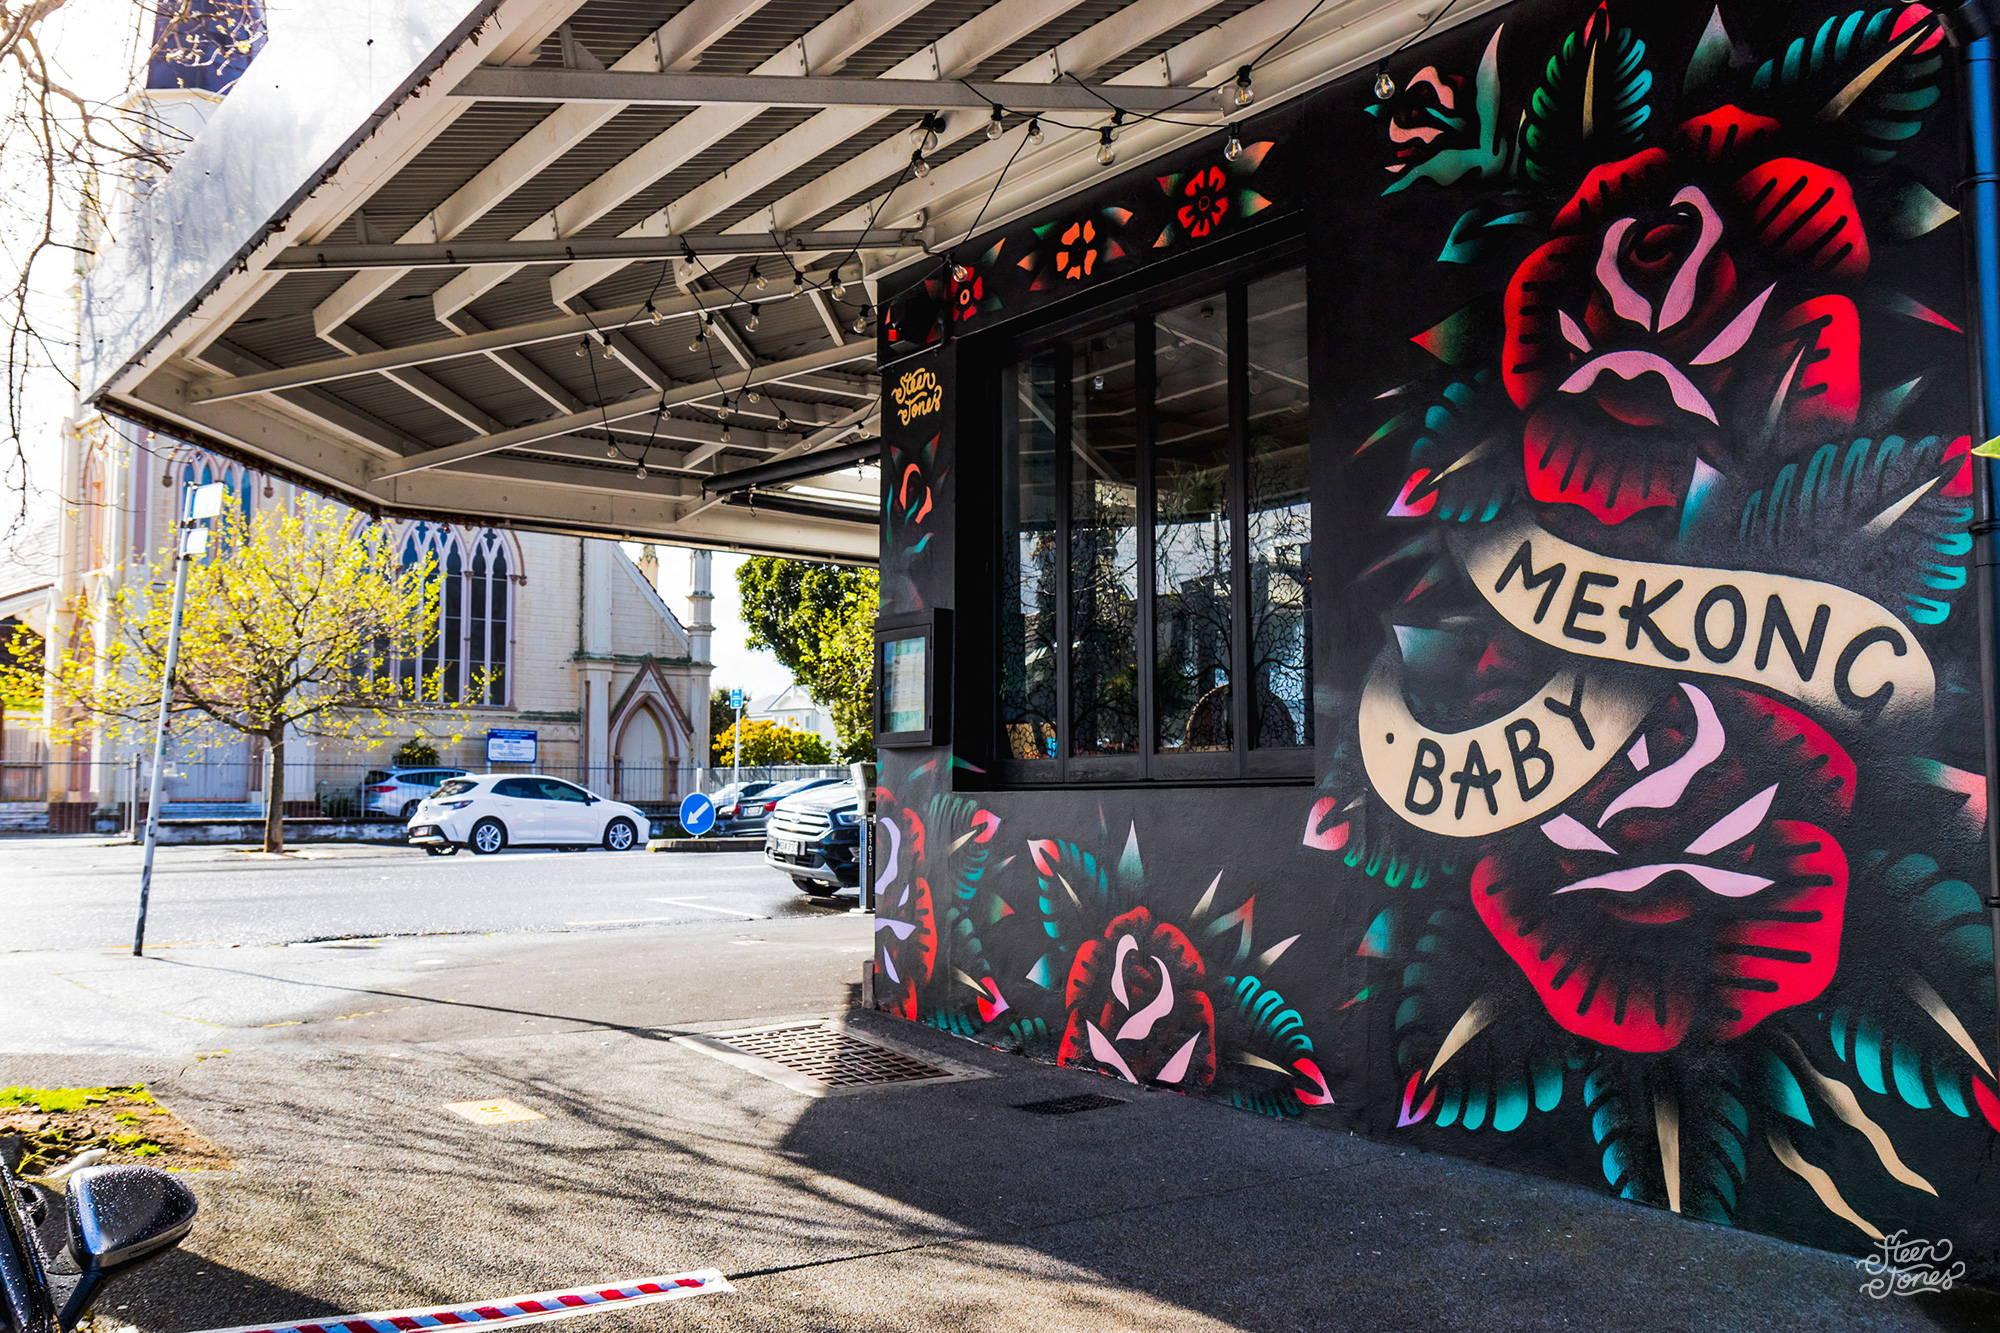 Steen Jones tattoo street artist Mekong Baby Ponsonby NZ mural